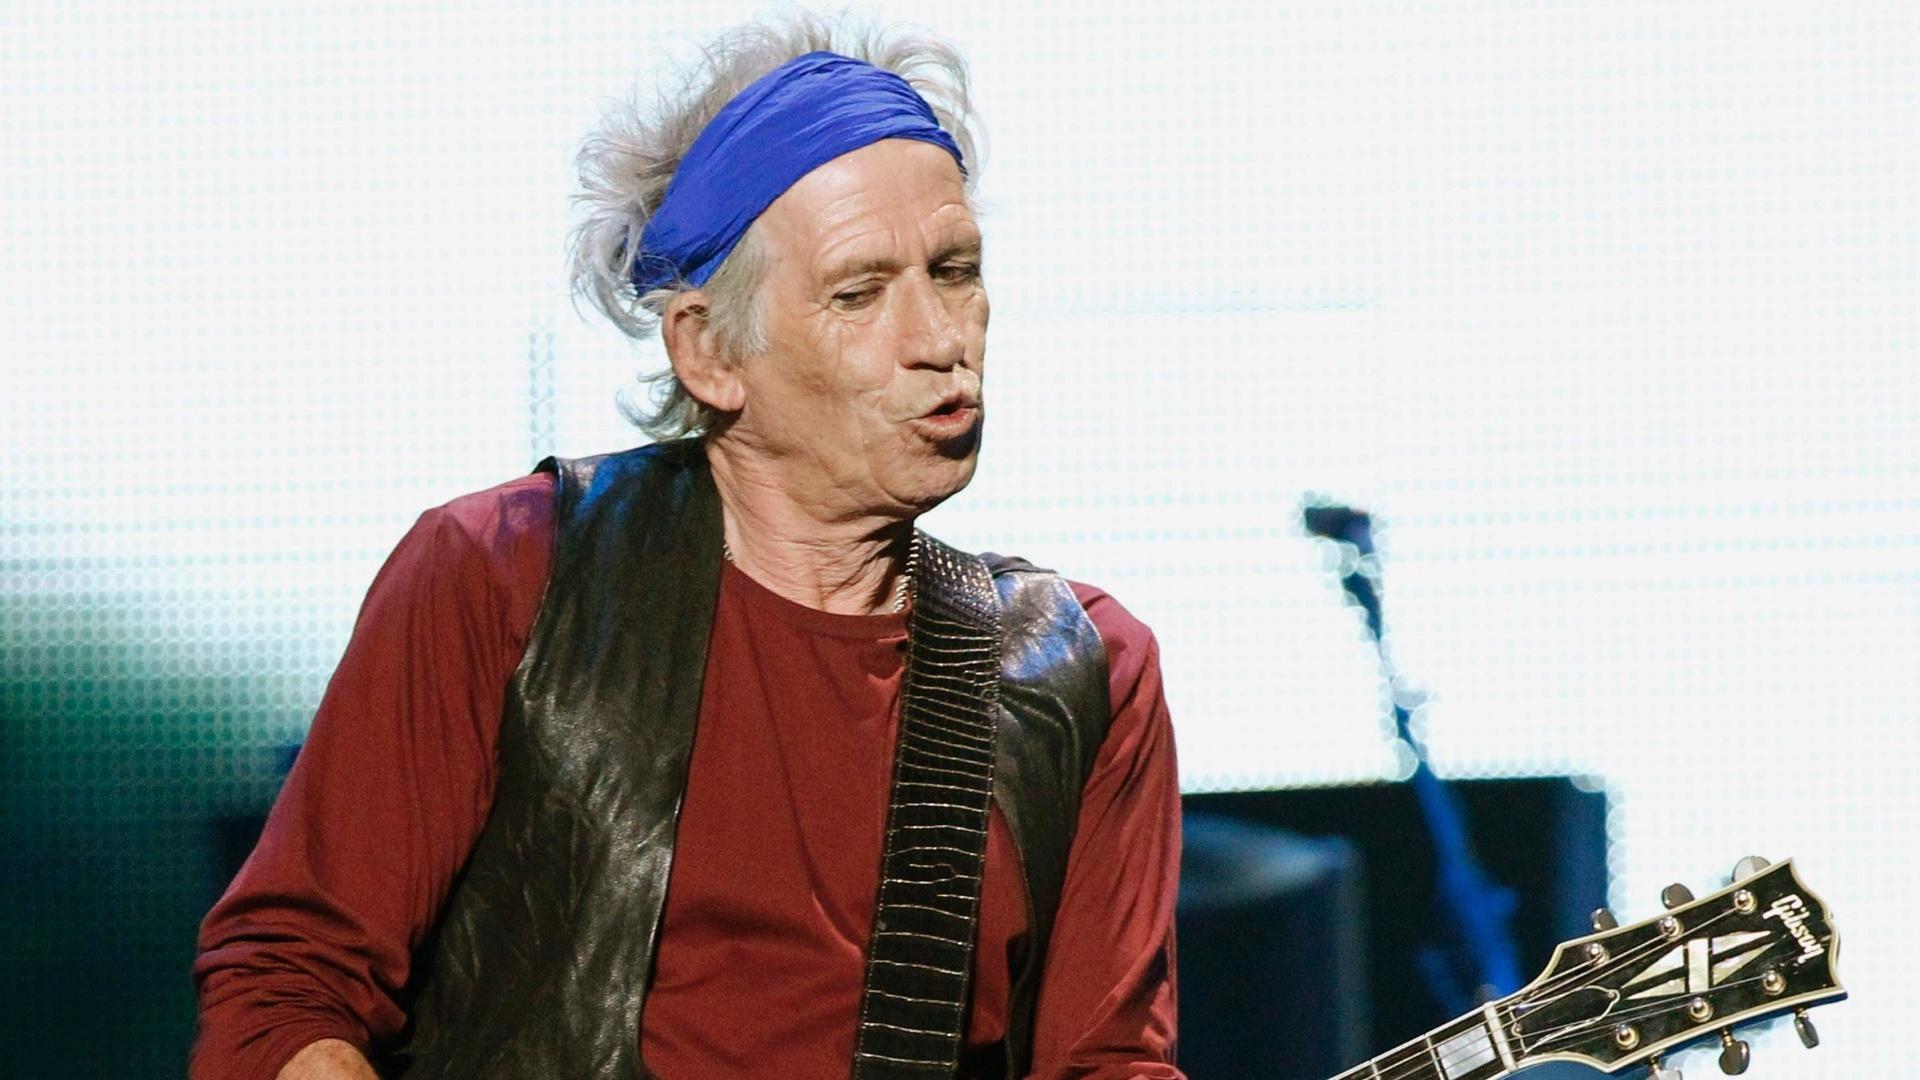 03.mai.2013 - O guitarrista Keith Richards, de 69 anos, durante o show que abriu a turnê americana